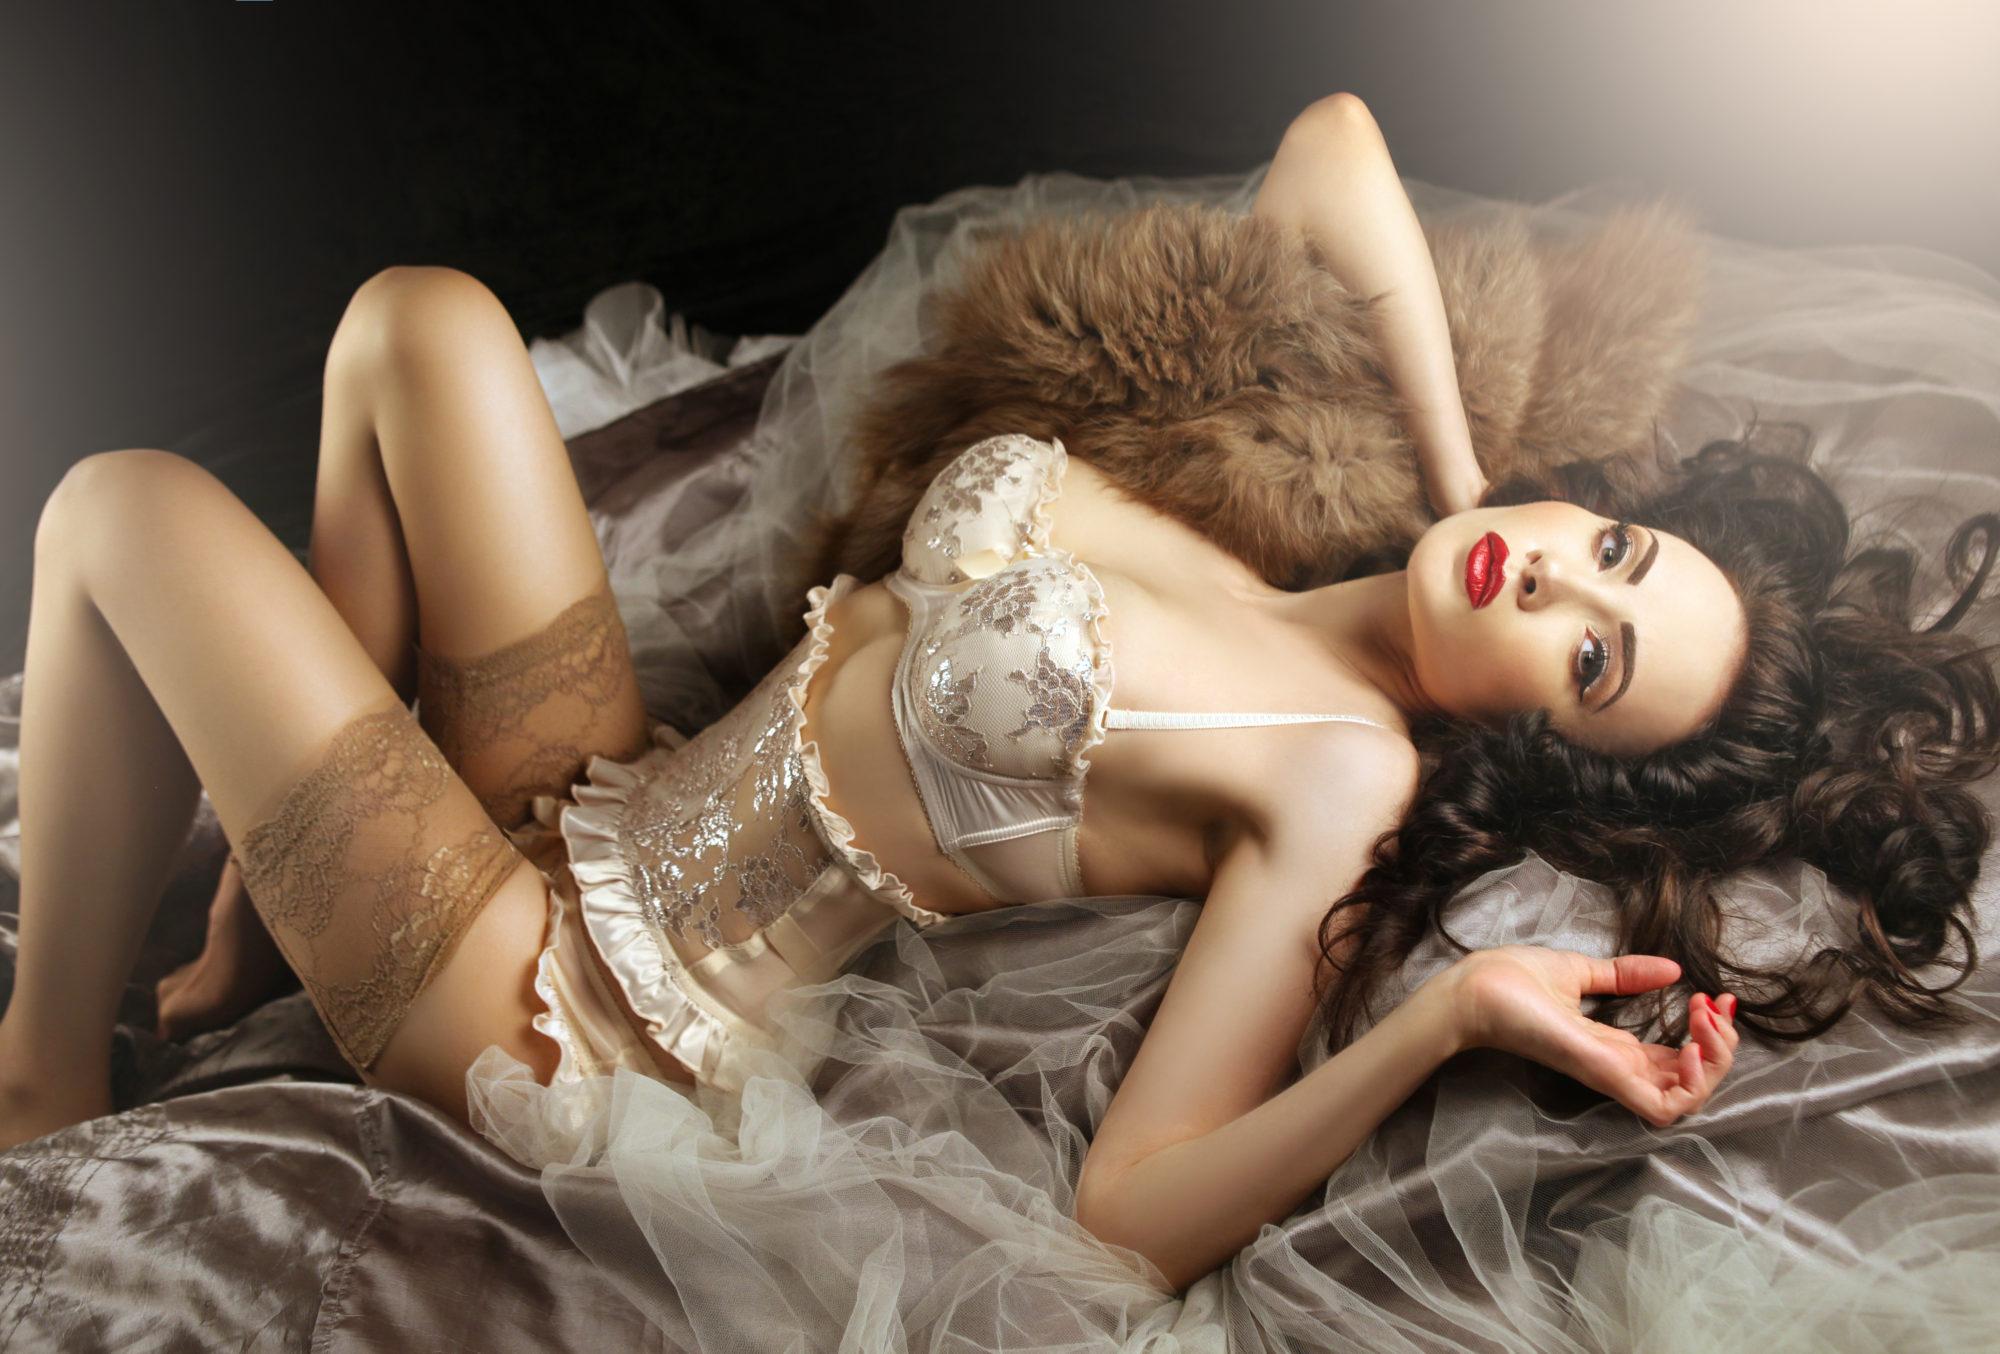 Bondage, czyli wiązanie piersi w stylu BDSM